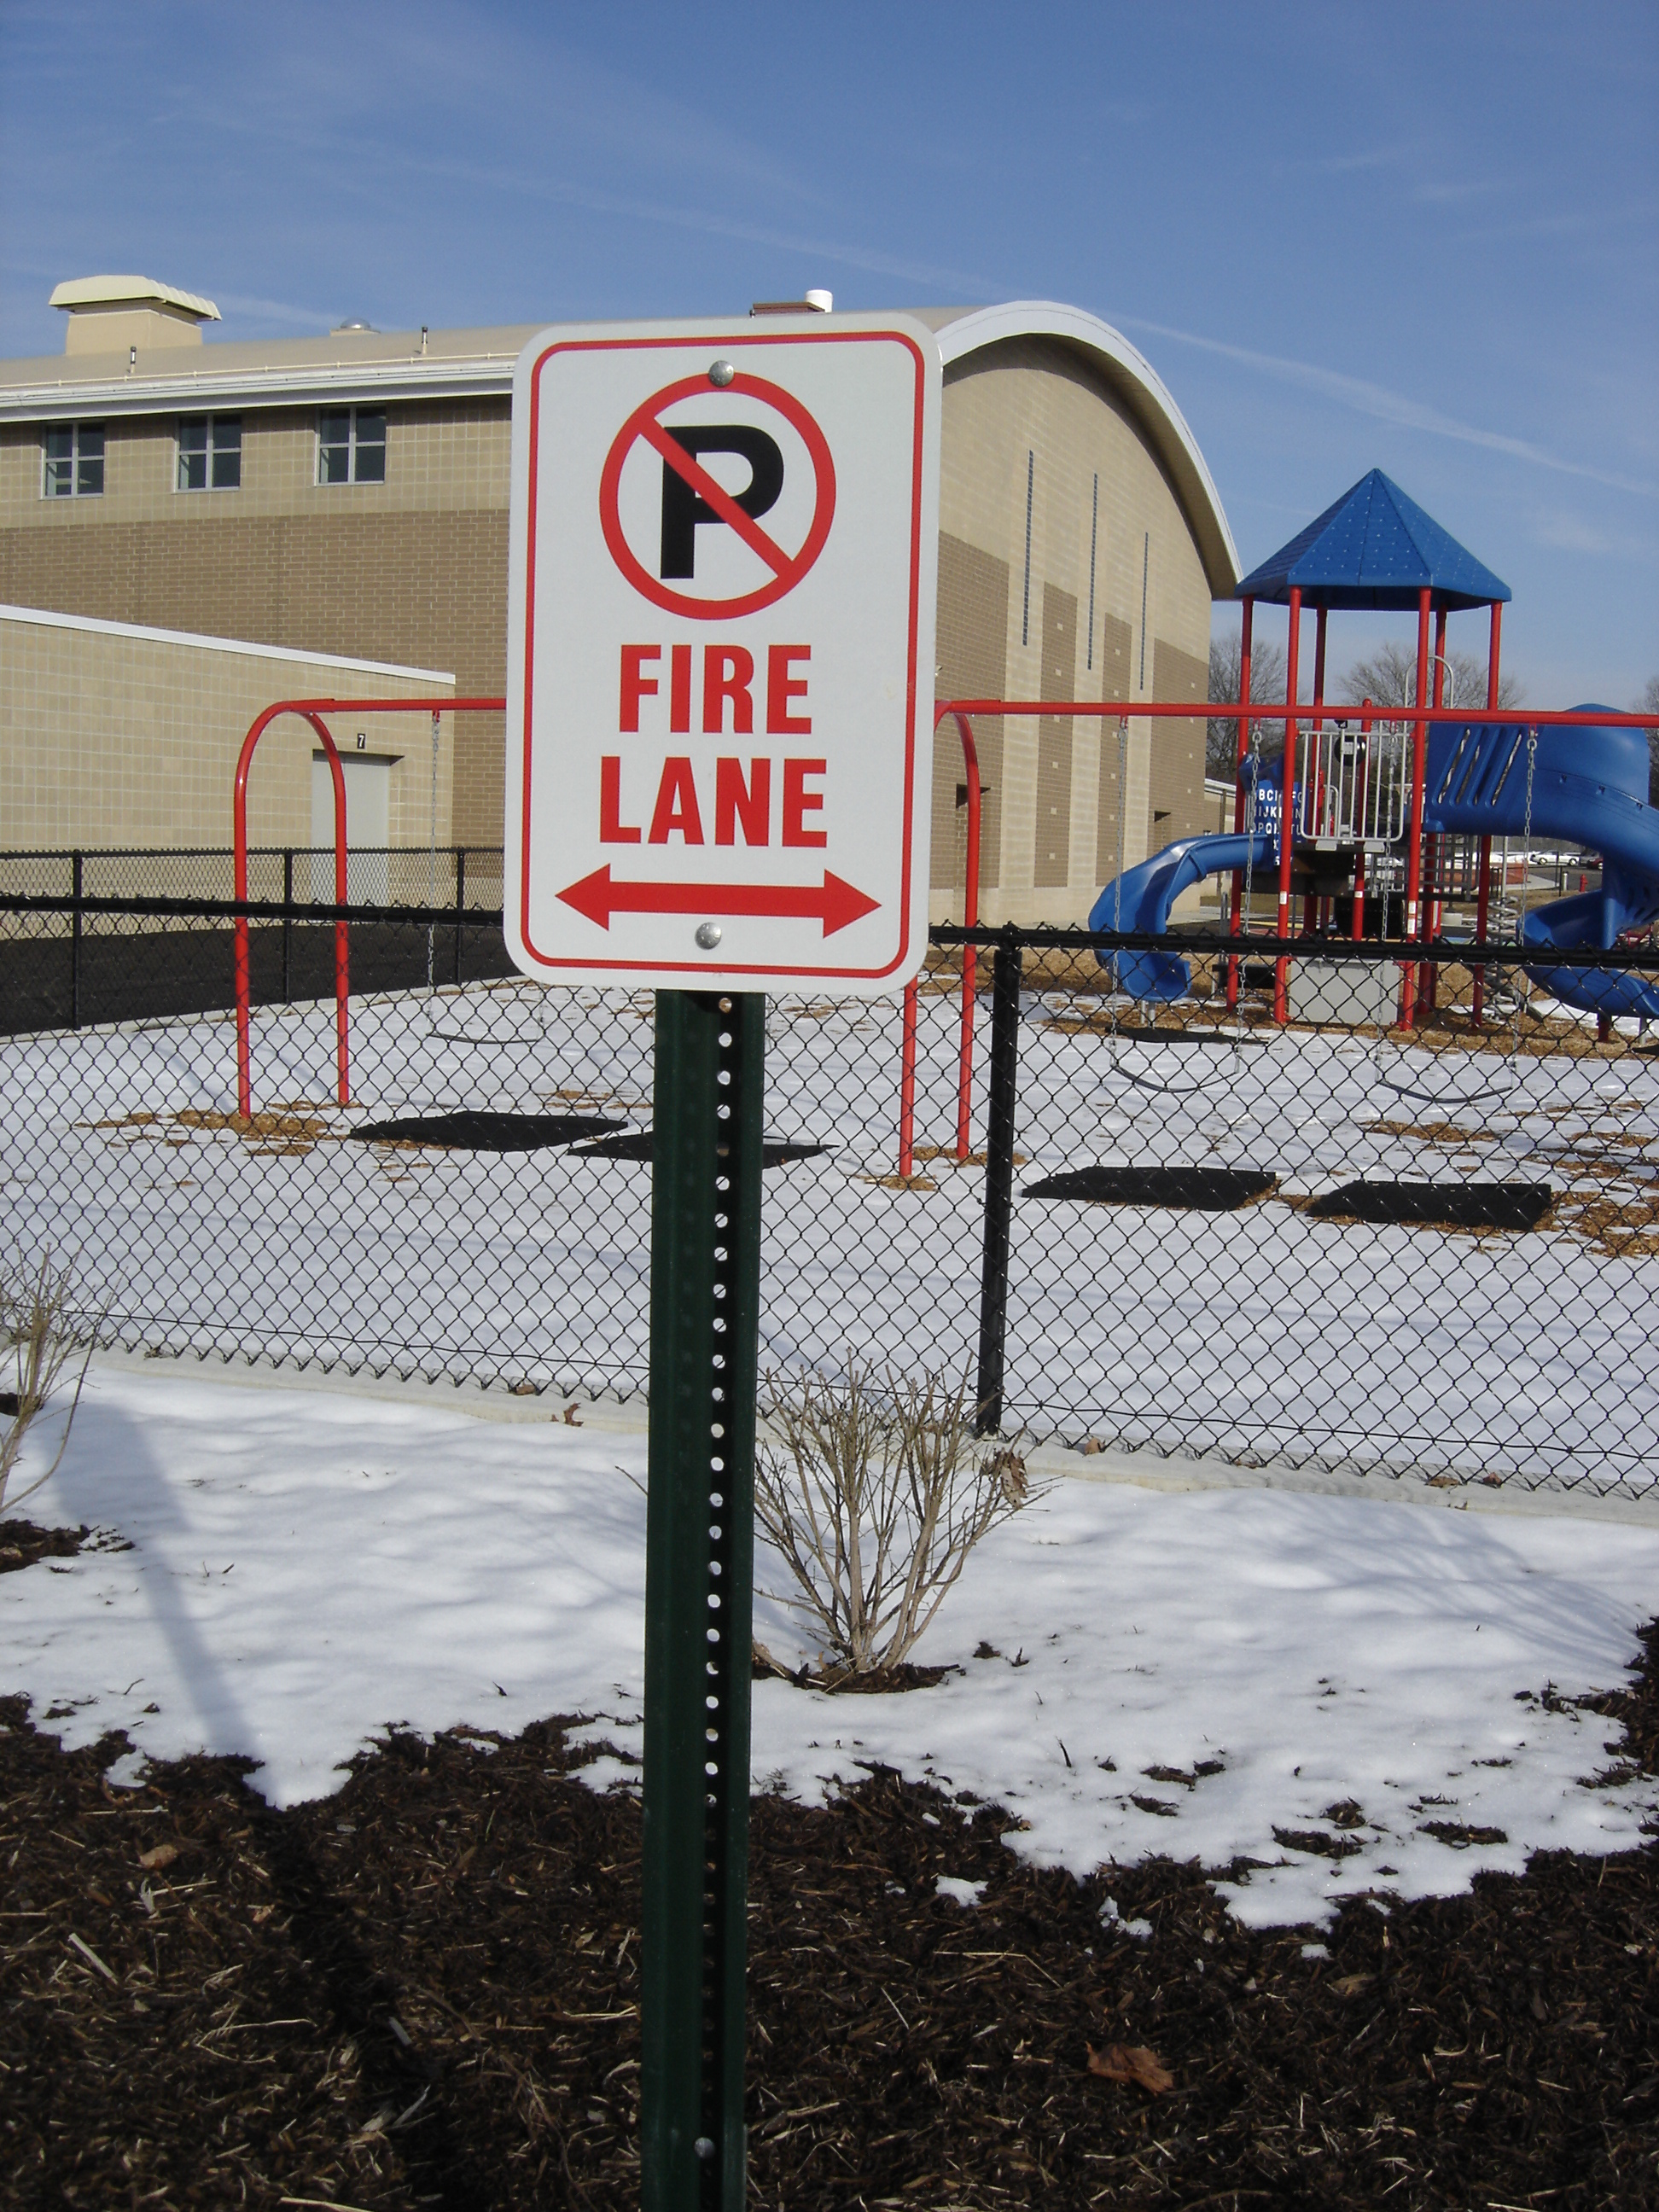 Louisville fire lane